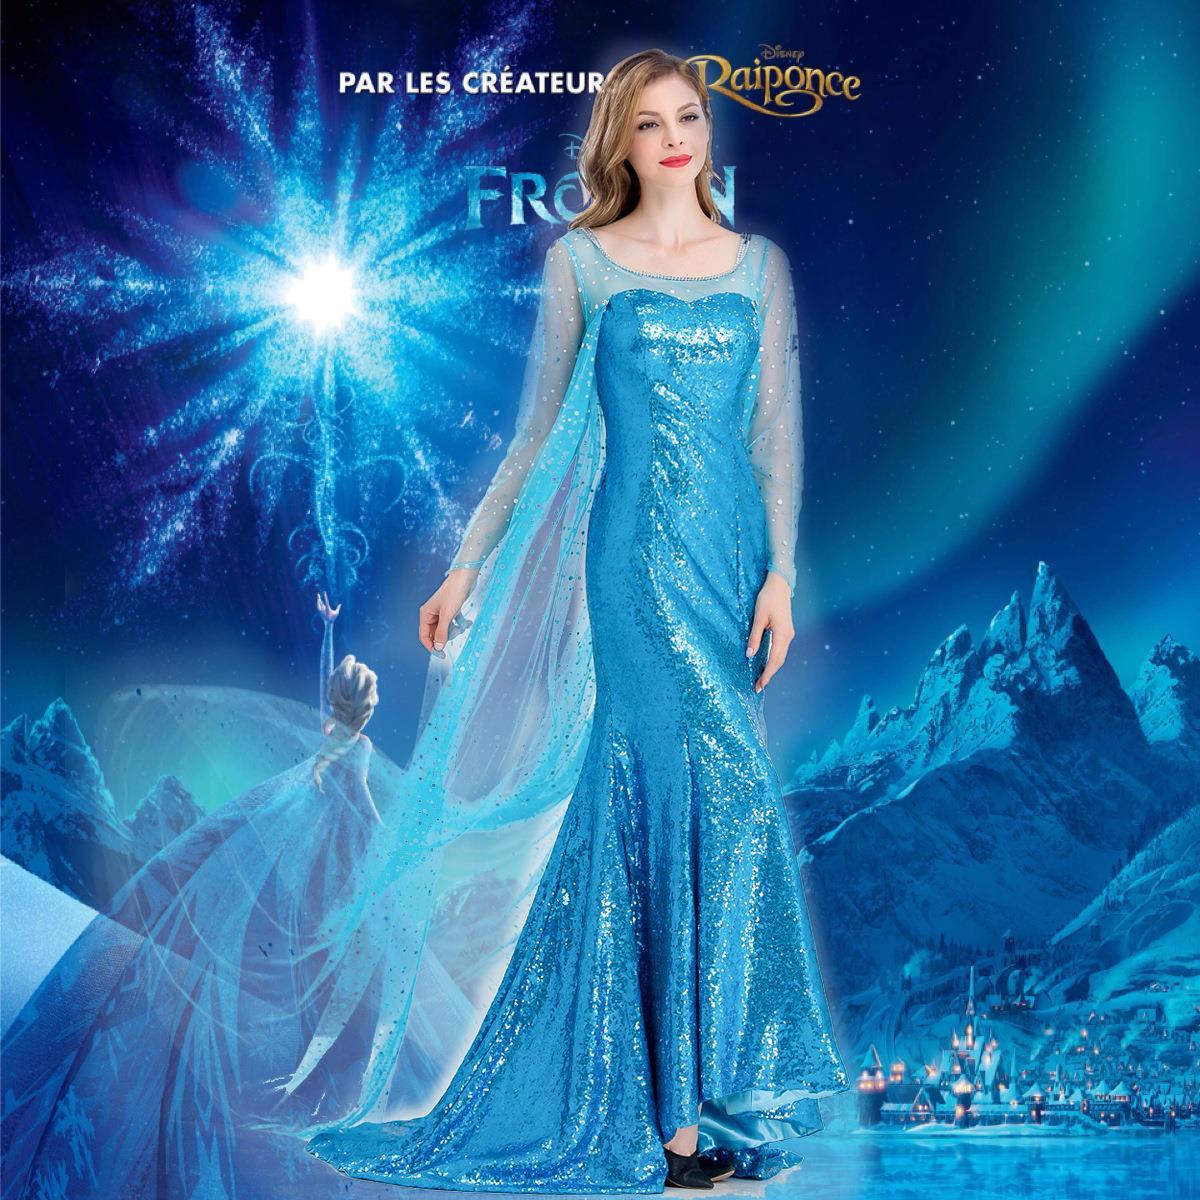 大人のエルサと氷の女王コスプレコスプレコスプレコスプレコスプレ衣装ステージ演出服「プリンセススカート」